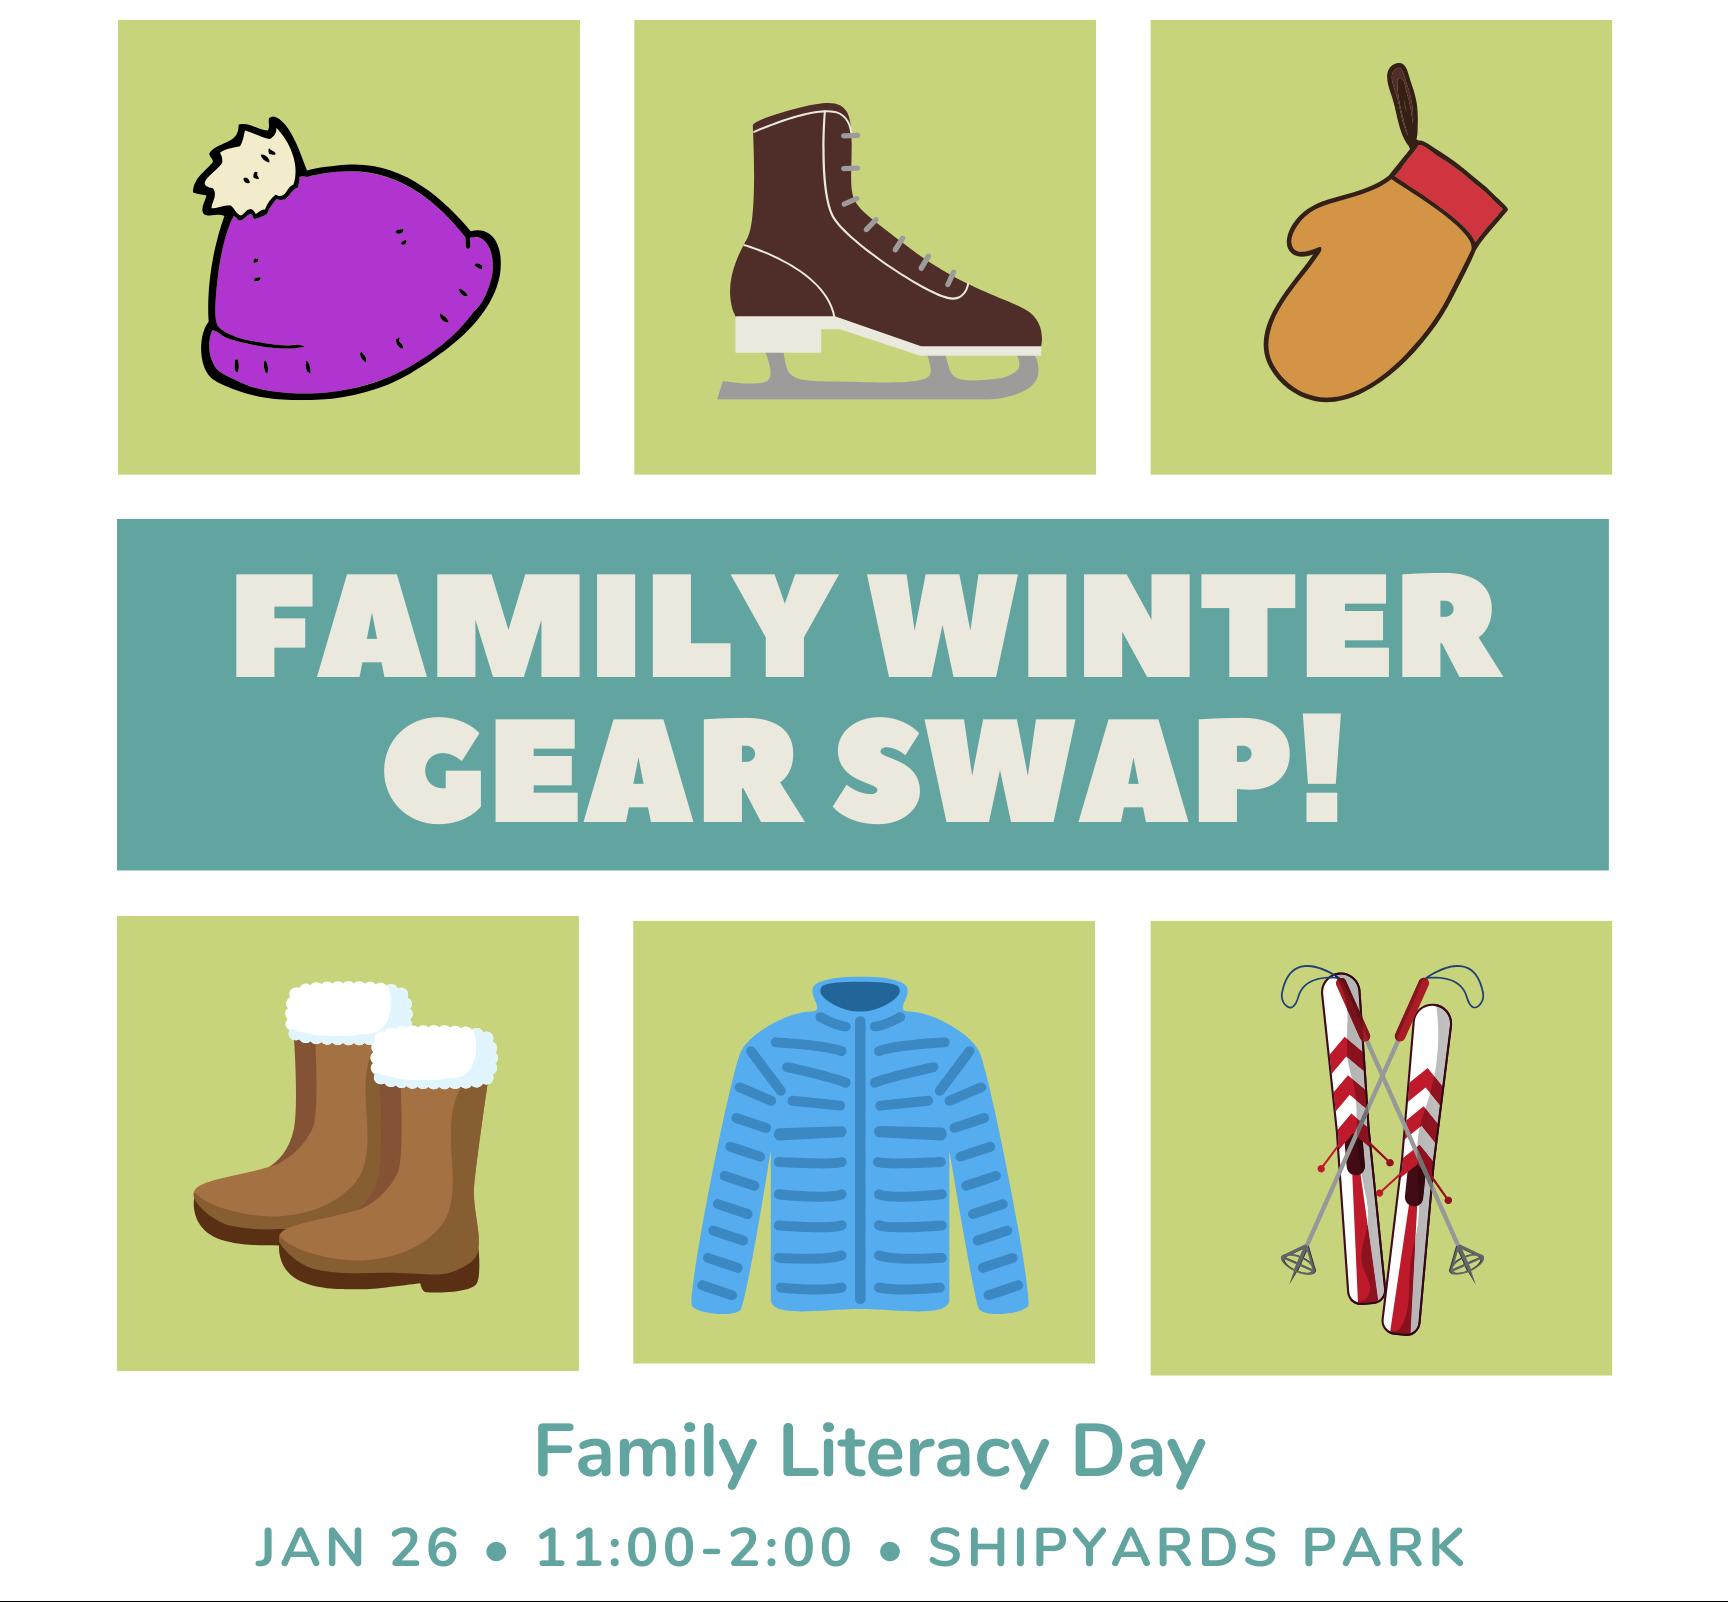 Family Winter Gear Swap!